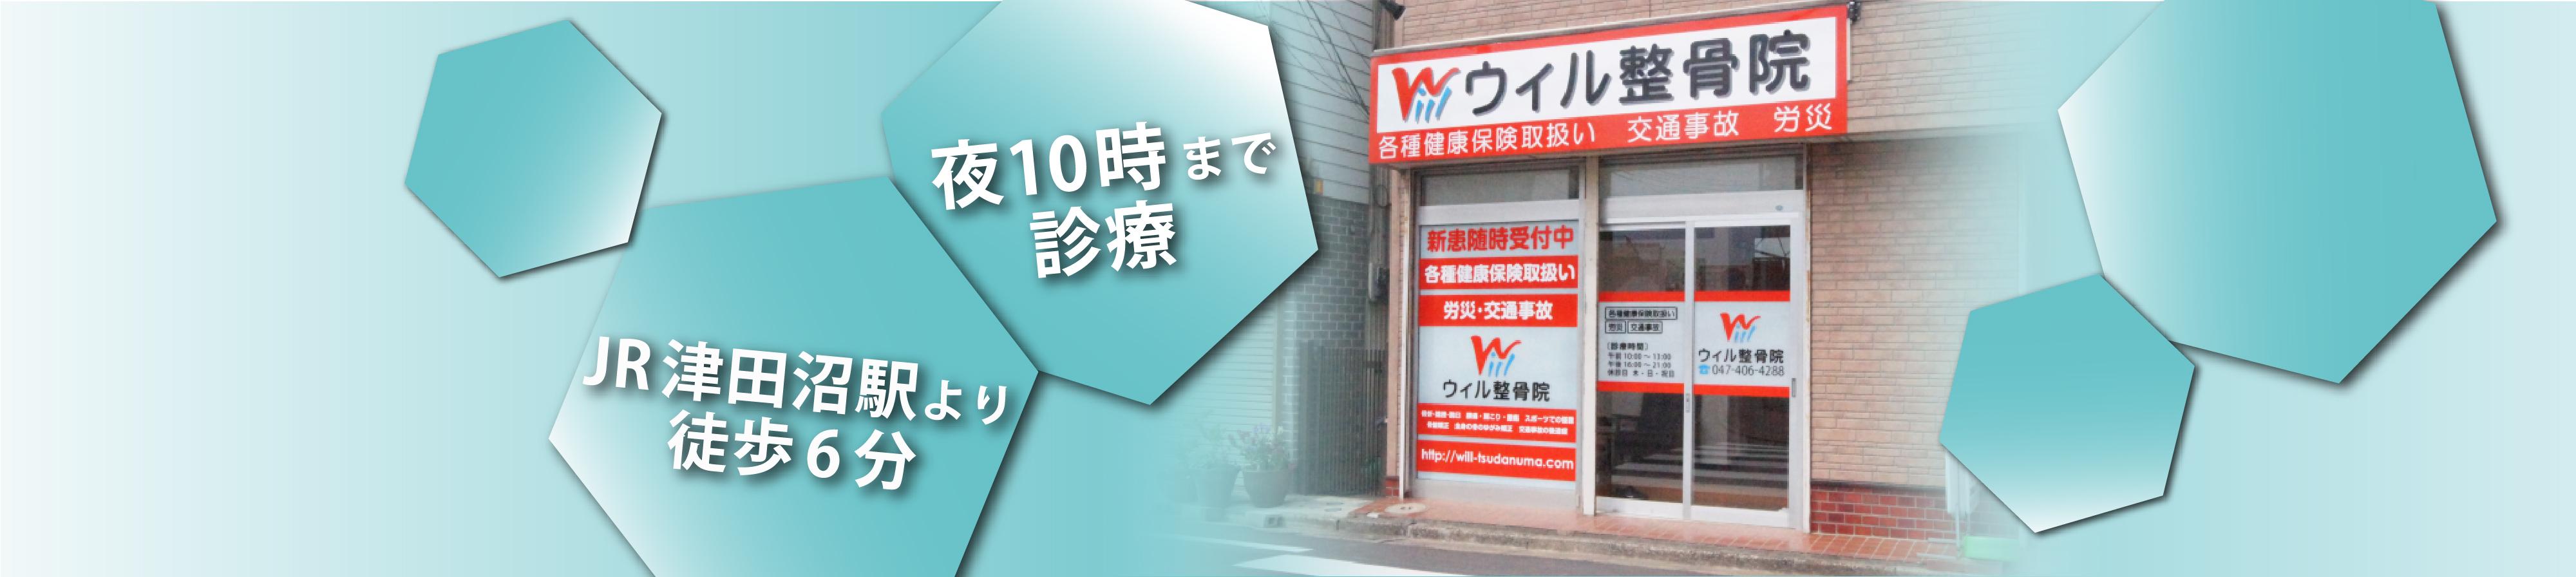 JR津田沼駅から徒歩6分 長くしぶとい痛み・ケガ交通事故後の症状のことならウィル整骨院